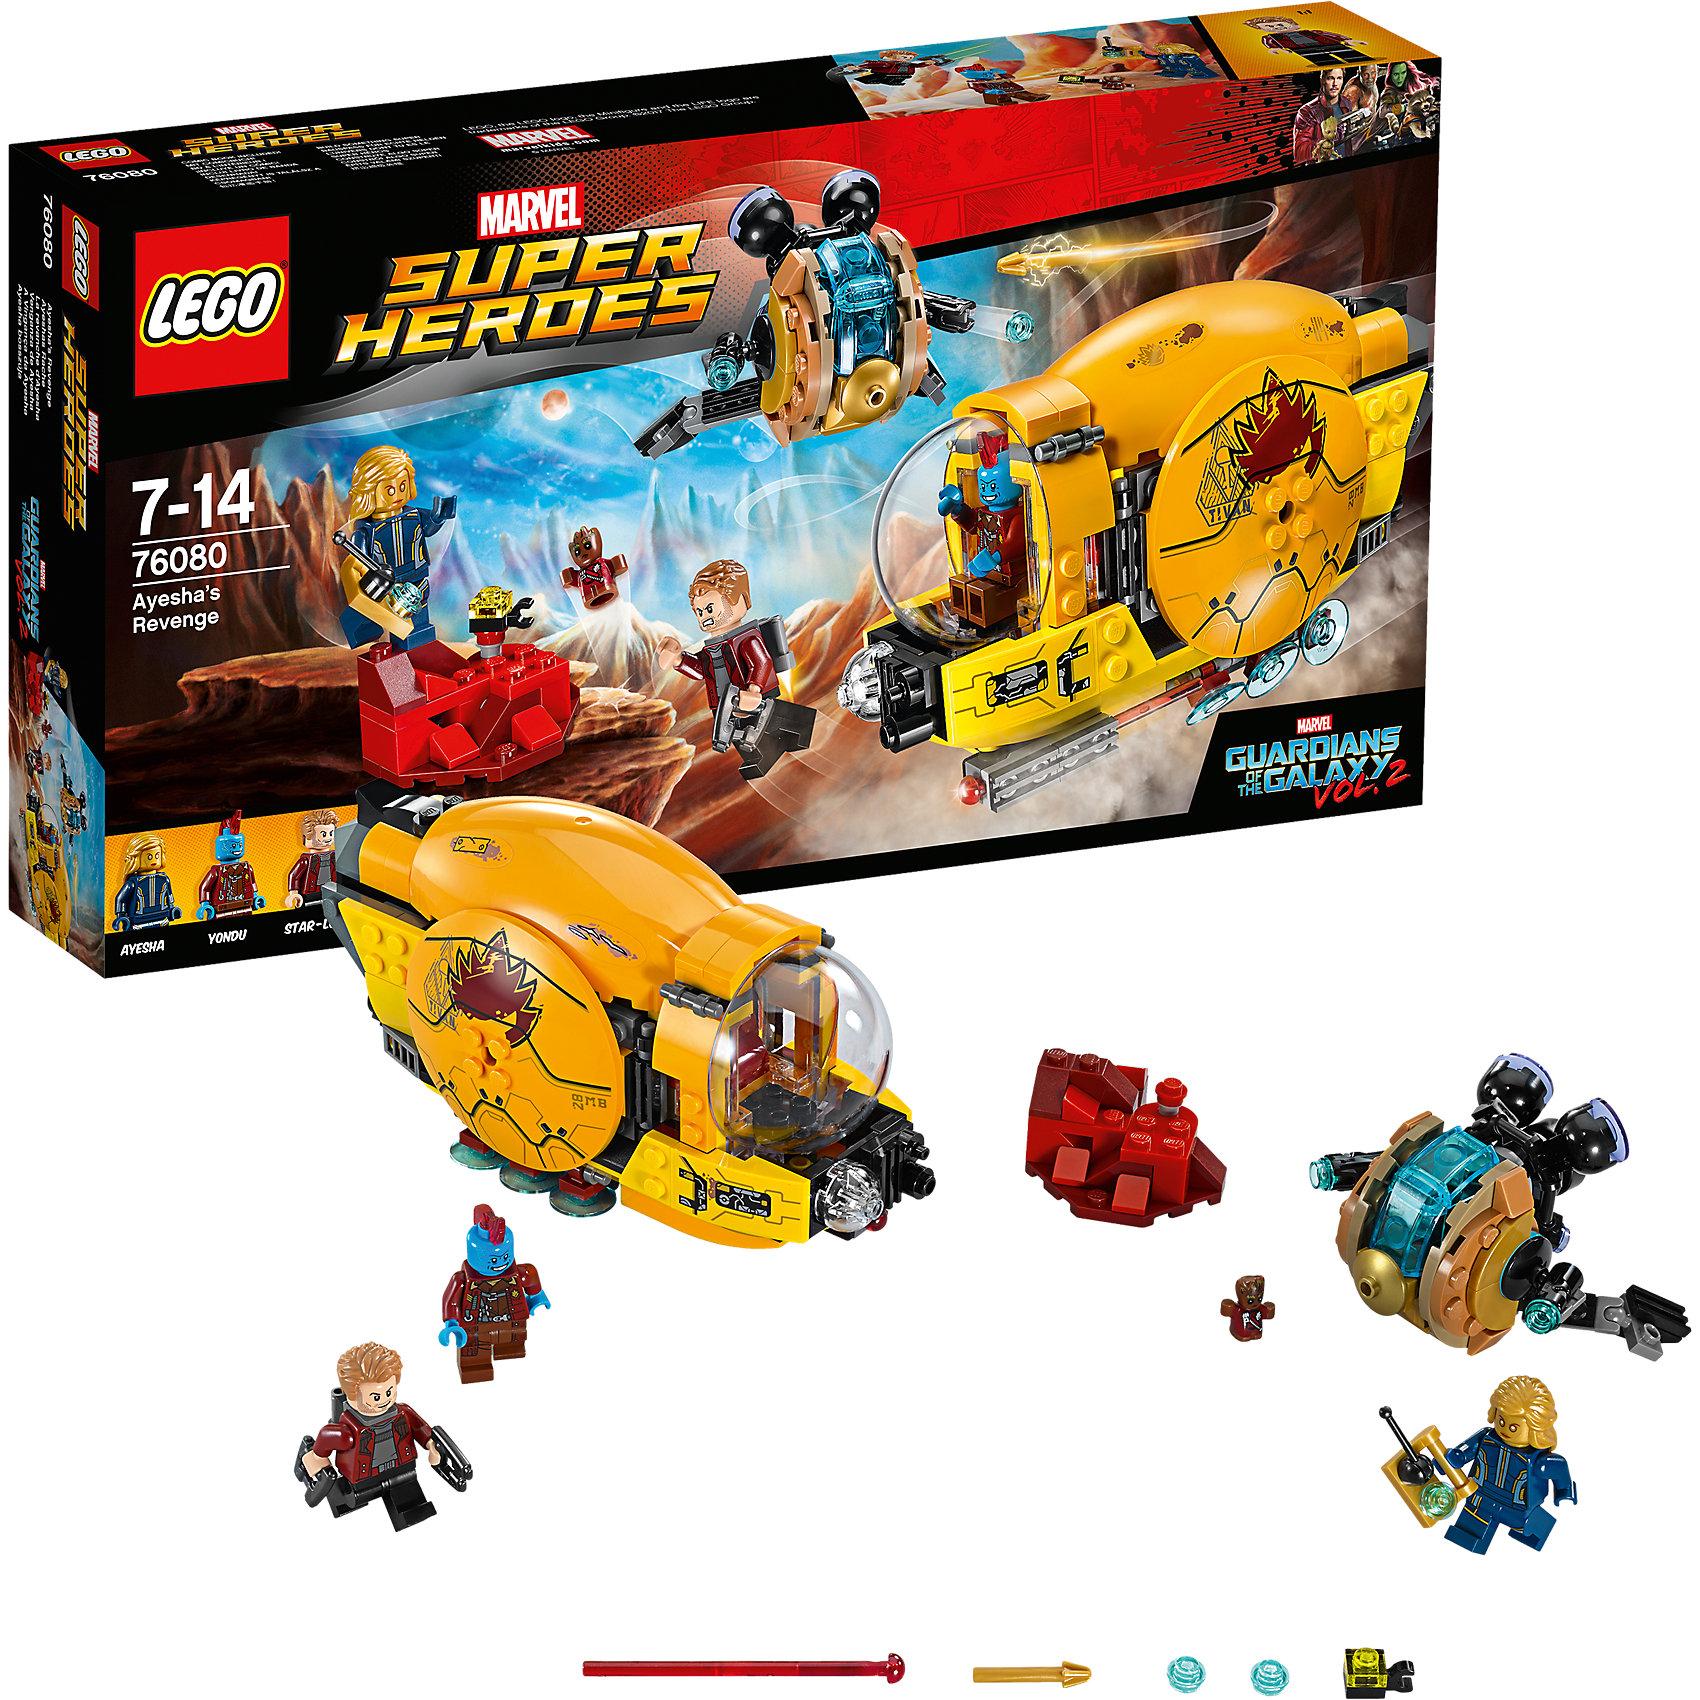 LEGO Super Heroes 76080: Месть АишиПластмассовые конструкторы<br>LEGO Super Heroes 76080: Месть Аиши<br><br>Характеристики:<br><br>- в набор входит: детали 2 кораблей и декораций, 4 минифигурки, аксессуары, книга комиксов, красочная инструкция по сборке<br>- минифигурки набора: Звёздный Лорд, малыш Грут, Йонду, Аиша<br>- состав: пластик<br>- количество деталей: 323<br>- размер упаковки: 35,5 * 6 * 19 см.<br>- для детей в возрасте: от 7 до 14 лет<br>- Страна производитель: Дания/Китай/Чехия<br><br>Легендарный конструктор LEGO (ЛЕГО) представляет серию «Marvel Super Heroes» (Супер герои Марвел) по сюжетам фильмов, мультфильмов и комиксов о супергероях. <br><br>Этот набор понравится любителям фильмов Marvel Стражи галактики. Минифигурки набора выглядят ярко, очень качественно проработаны, в их разработке были использованы уникальные детали не встречающиеся в других наборах. Звёздный Лорд представлен в новом более детализированном дизайне с новой прической, курткой, а также новым оружием и рюкзаком для полетов. Костюм Йонду нарисован как на его теле, так и на ногах, в набор входит его стрела. Малыш Грут представлен в маленьком размере и с его униформой. <br><br>Аиша представлена в золотом цвете, как и в комиксах, с пультом управления, рисунки костюма нанесены на тело и ноги минифигурки. Ее космический корабль выполнен в соответствии с фильмом Стражи галактики 2 и оснащен двумя мощными двигателями-турбинами, фронтальными пушками, стреляющими с помощью механизма. Большой корабль Йонду выглядит внушительно, кабина корабля открывается, внизу расположена пружинная ракета, боковые панели разворачиваются. Помоги героям выиграть эту битву со злом на необычной планете! <br><br>Играя с конструктором ребенок развивает моторику рук, воображение и логическое мышление, научится собирать по инструкции и создавать свои модели. Придумывайте новые истории любимых героев с набором LEGO «Marvel Super Heroes»!<br><br>Конструктор LEGO Super Heroes 76080: Месть Аиши можно купить в нашем интер